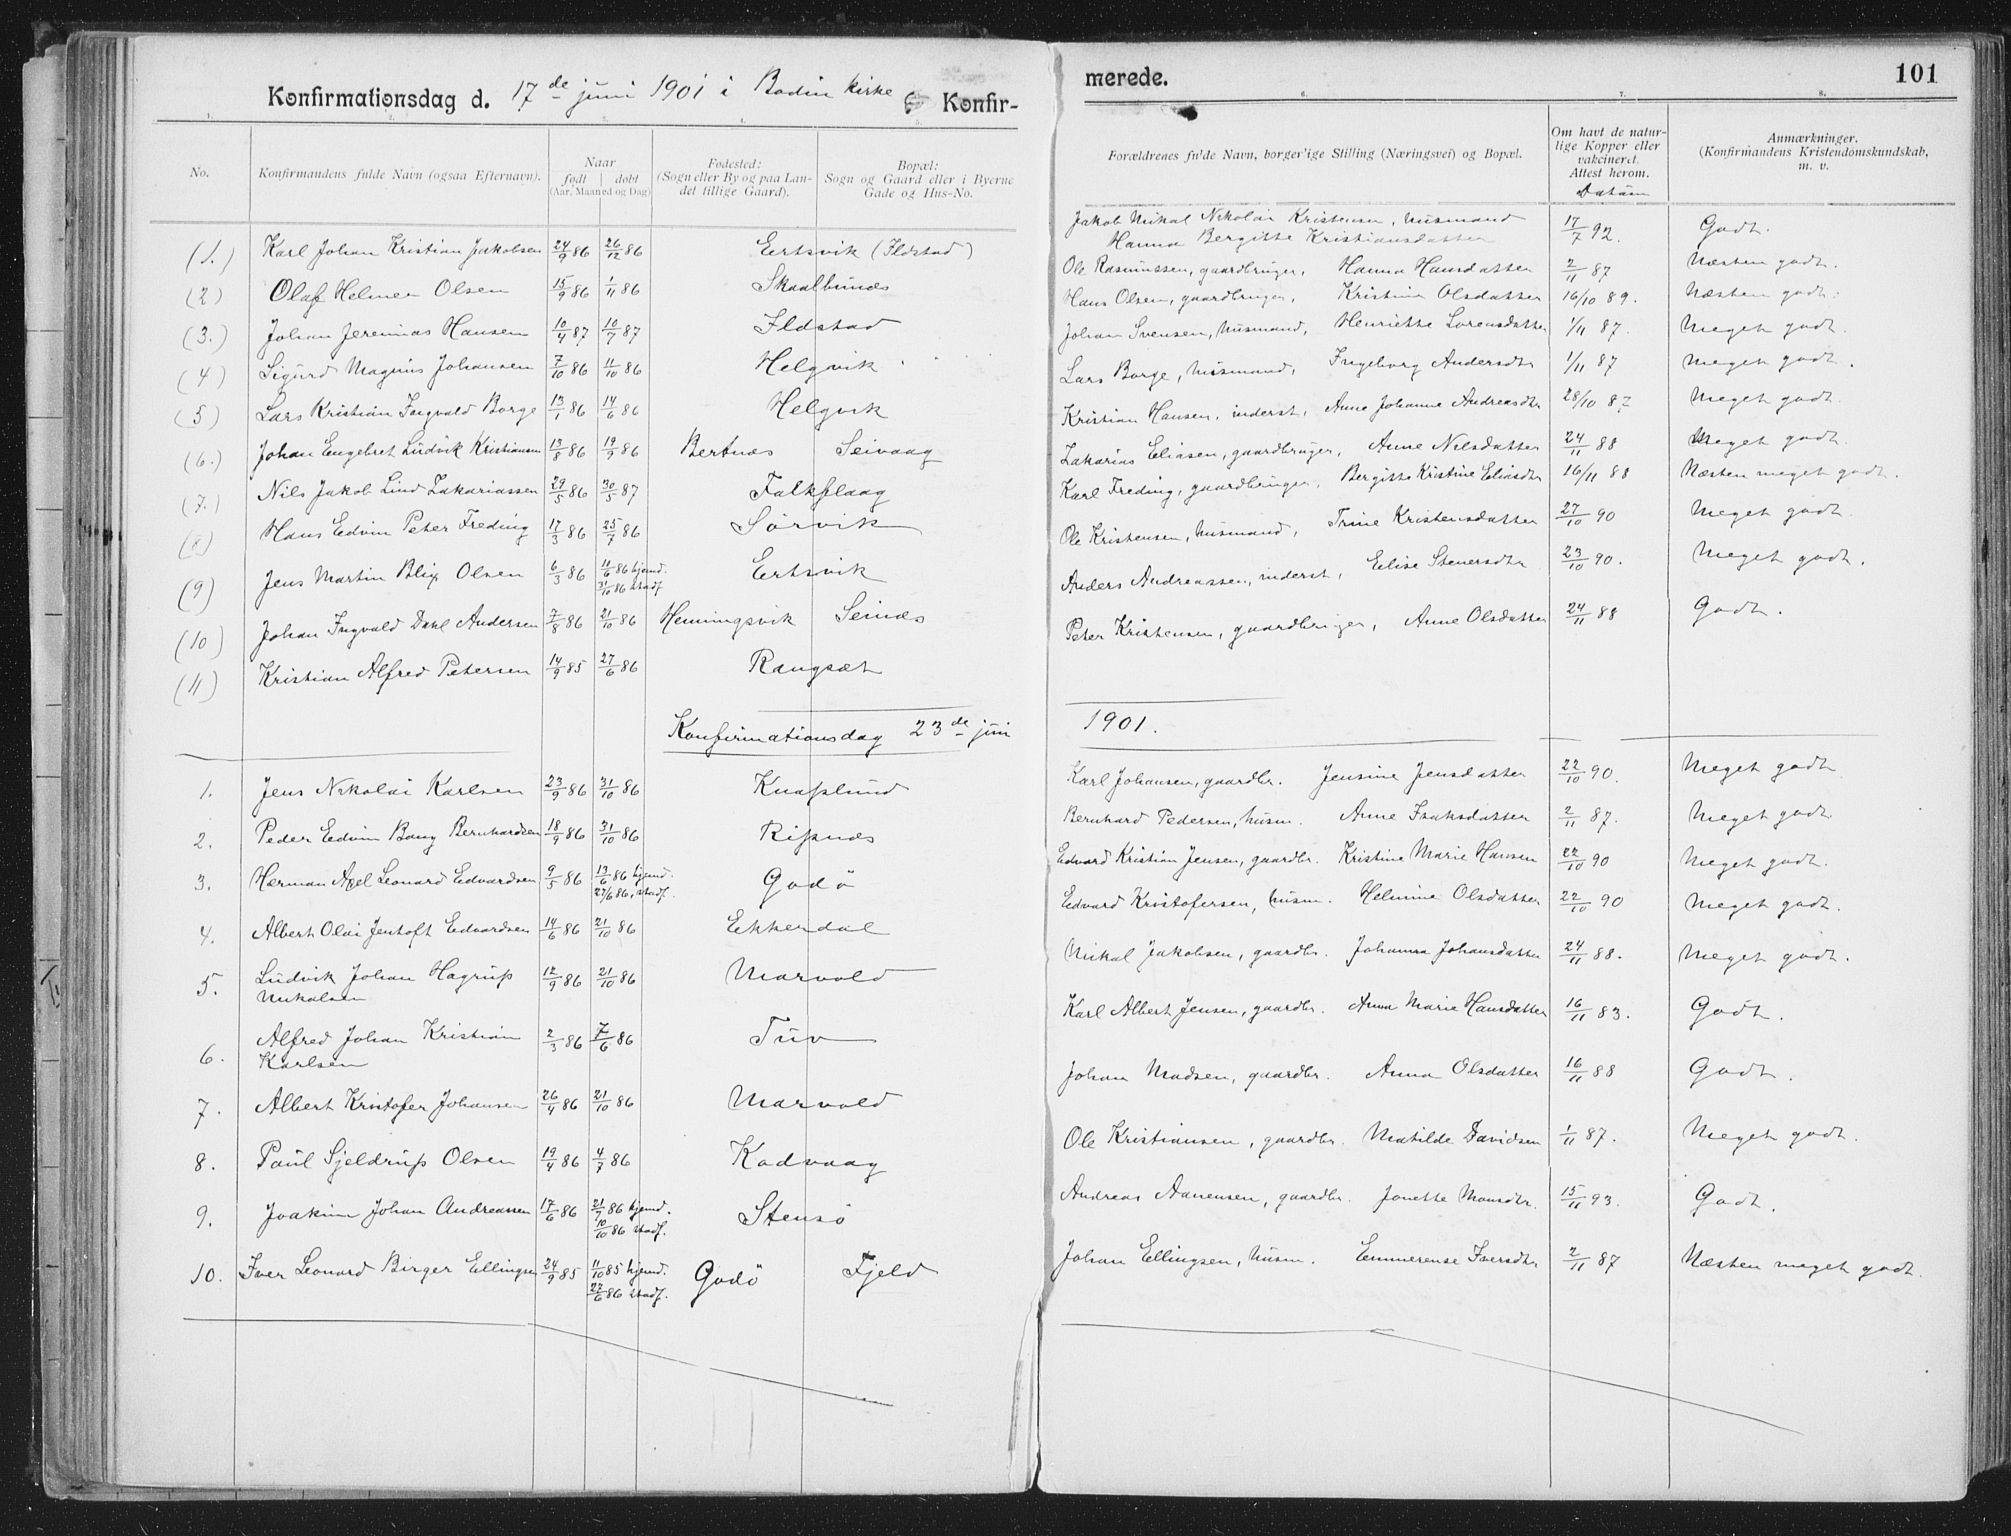 SAT, Ministerialprotokoller, klokkerbøker og fødselsregistre - Nordland, 804/L0081: Parish register (official) no. 804A02, 1901-1915, p. 101